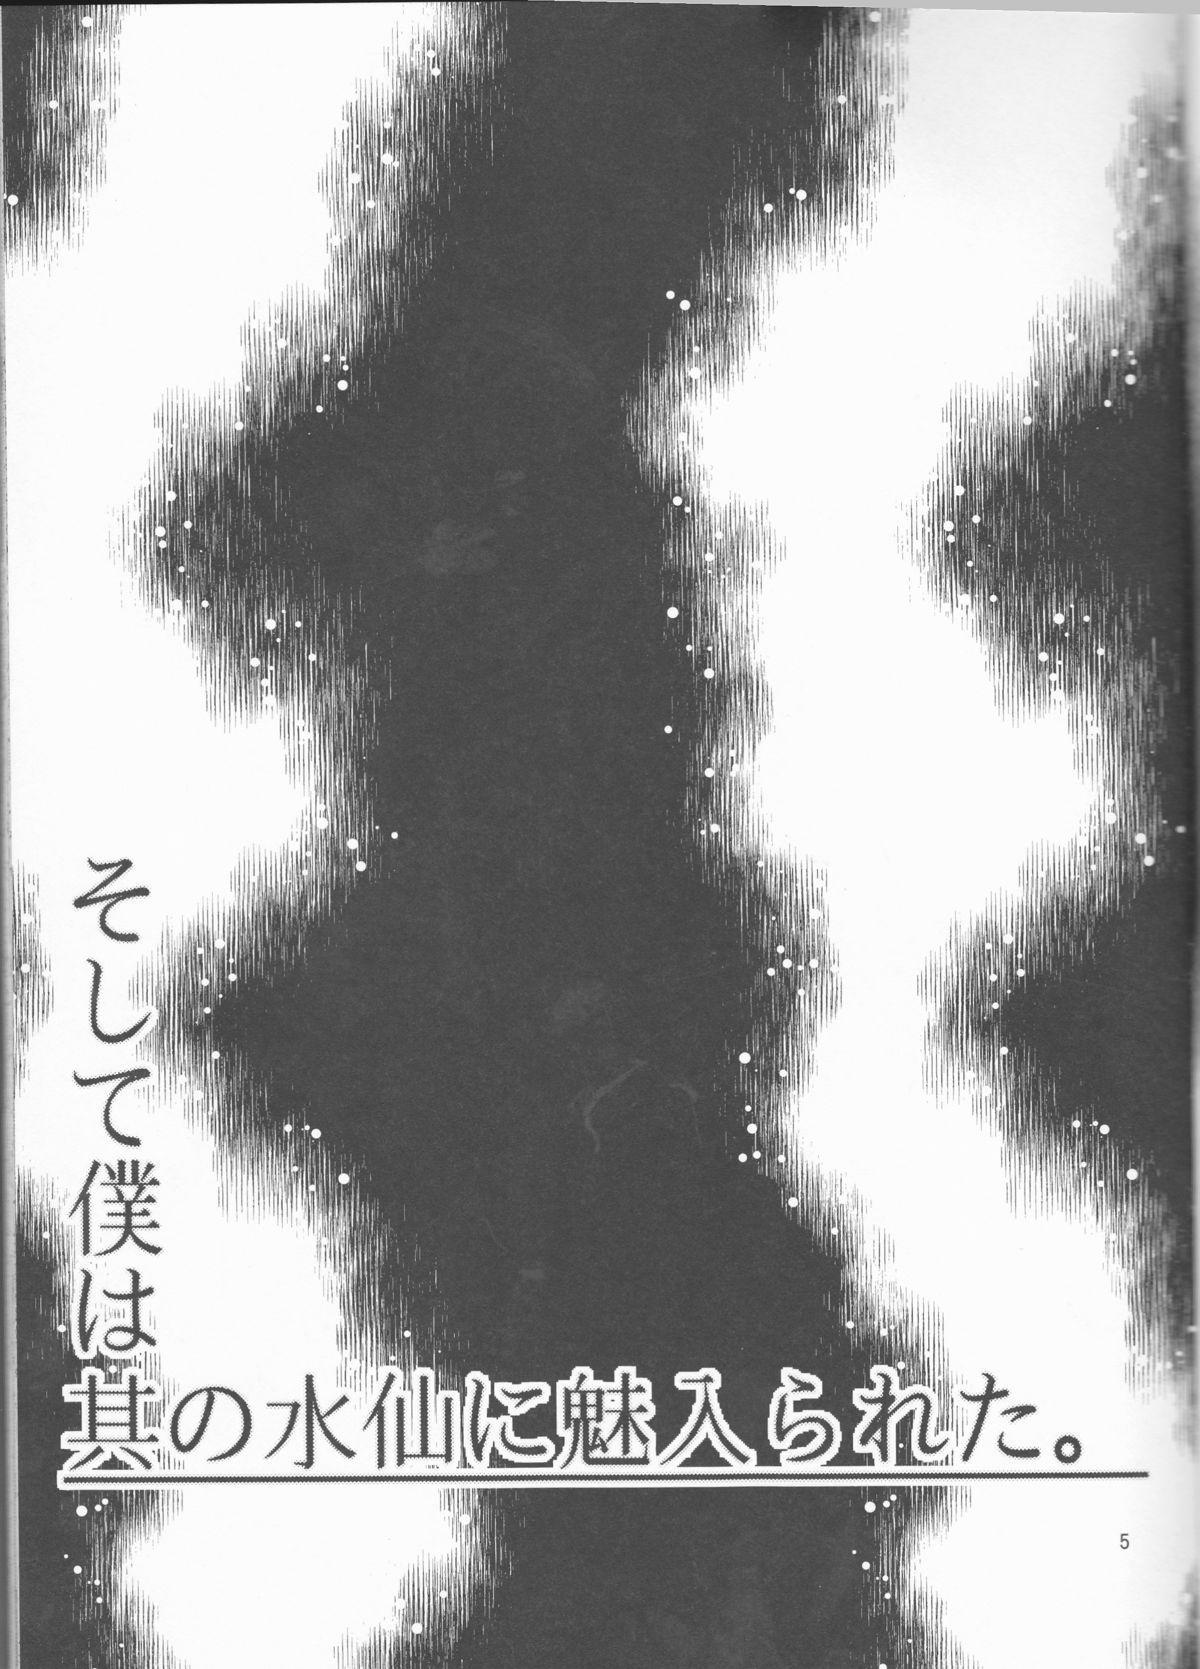 Soshite Boku wa Sono Suisen ni Miirareta. 4